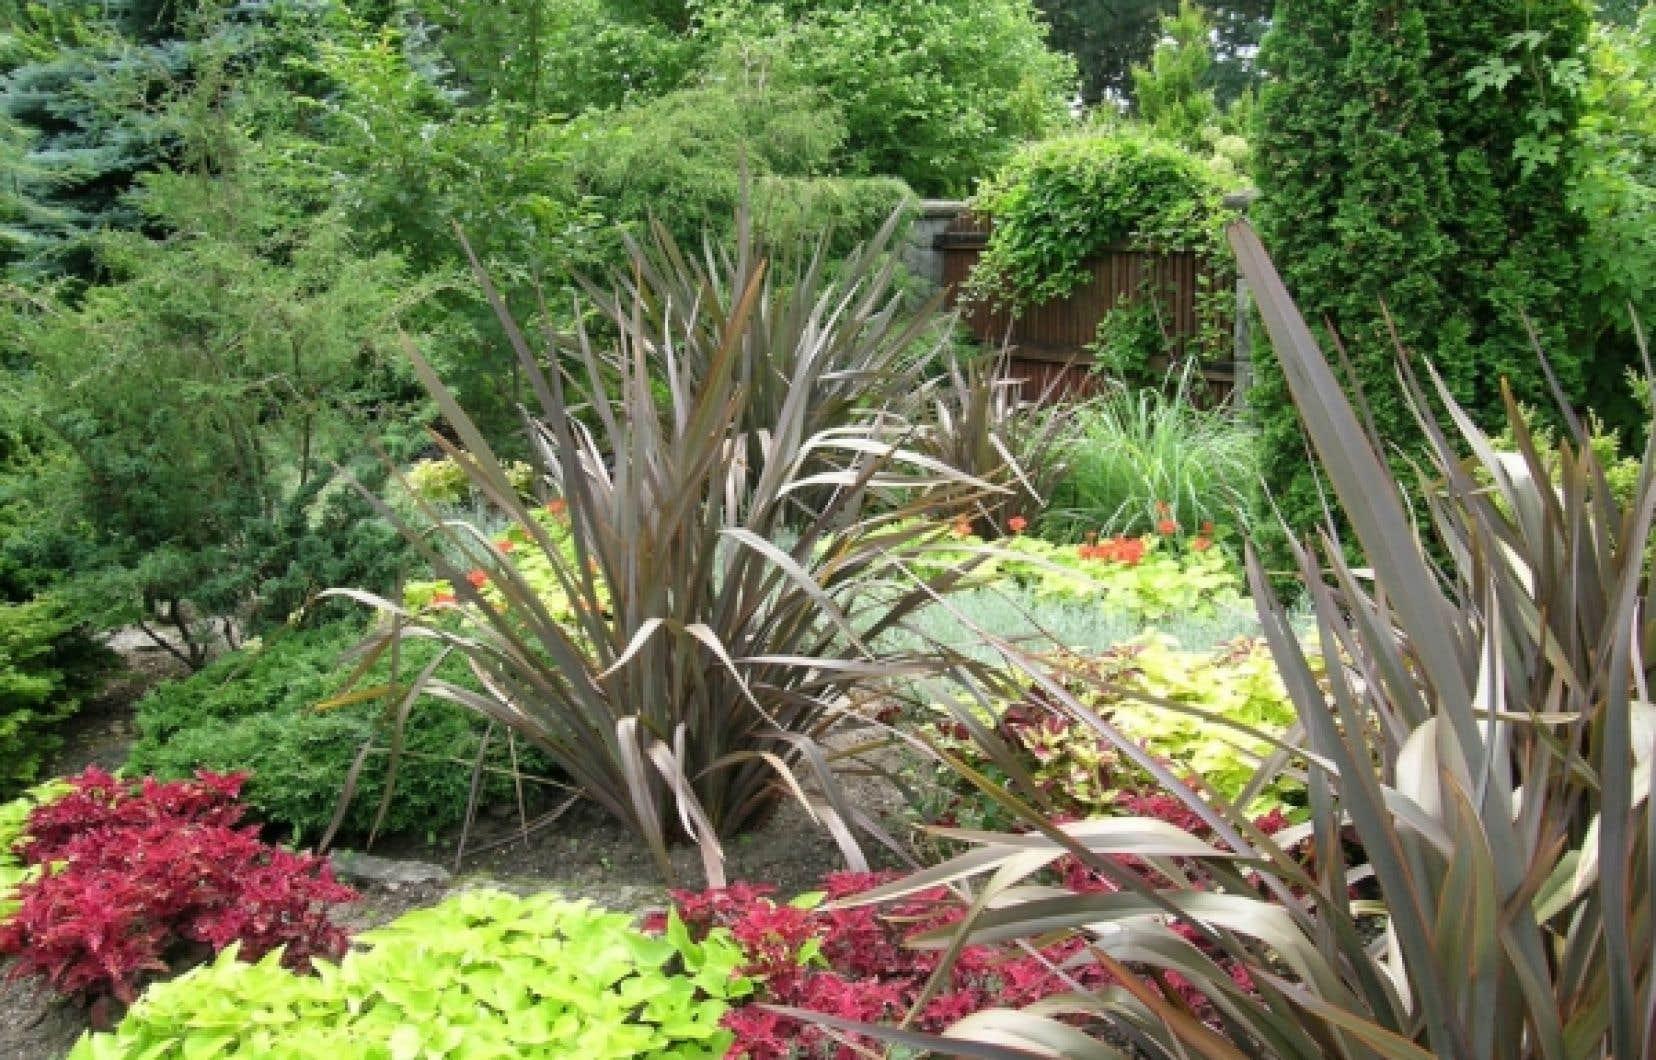 Le lin de Nouvelle-Z&eacute;lande, un &eacute;l&eacute;ment structurant d&rsquo;un massif, &agrave; l&rsquo;entr&eacute;e du jardin alpin, au jardin botanique de Montr&eacute;al.<br />